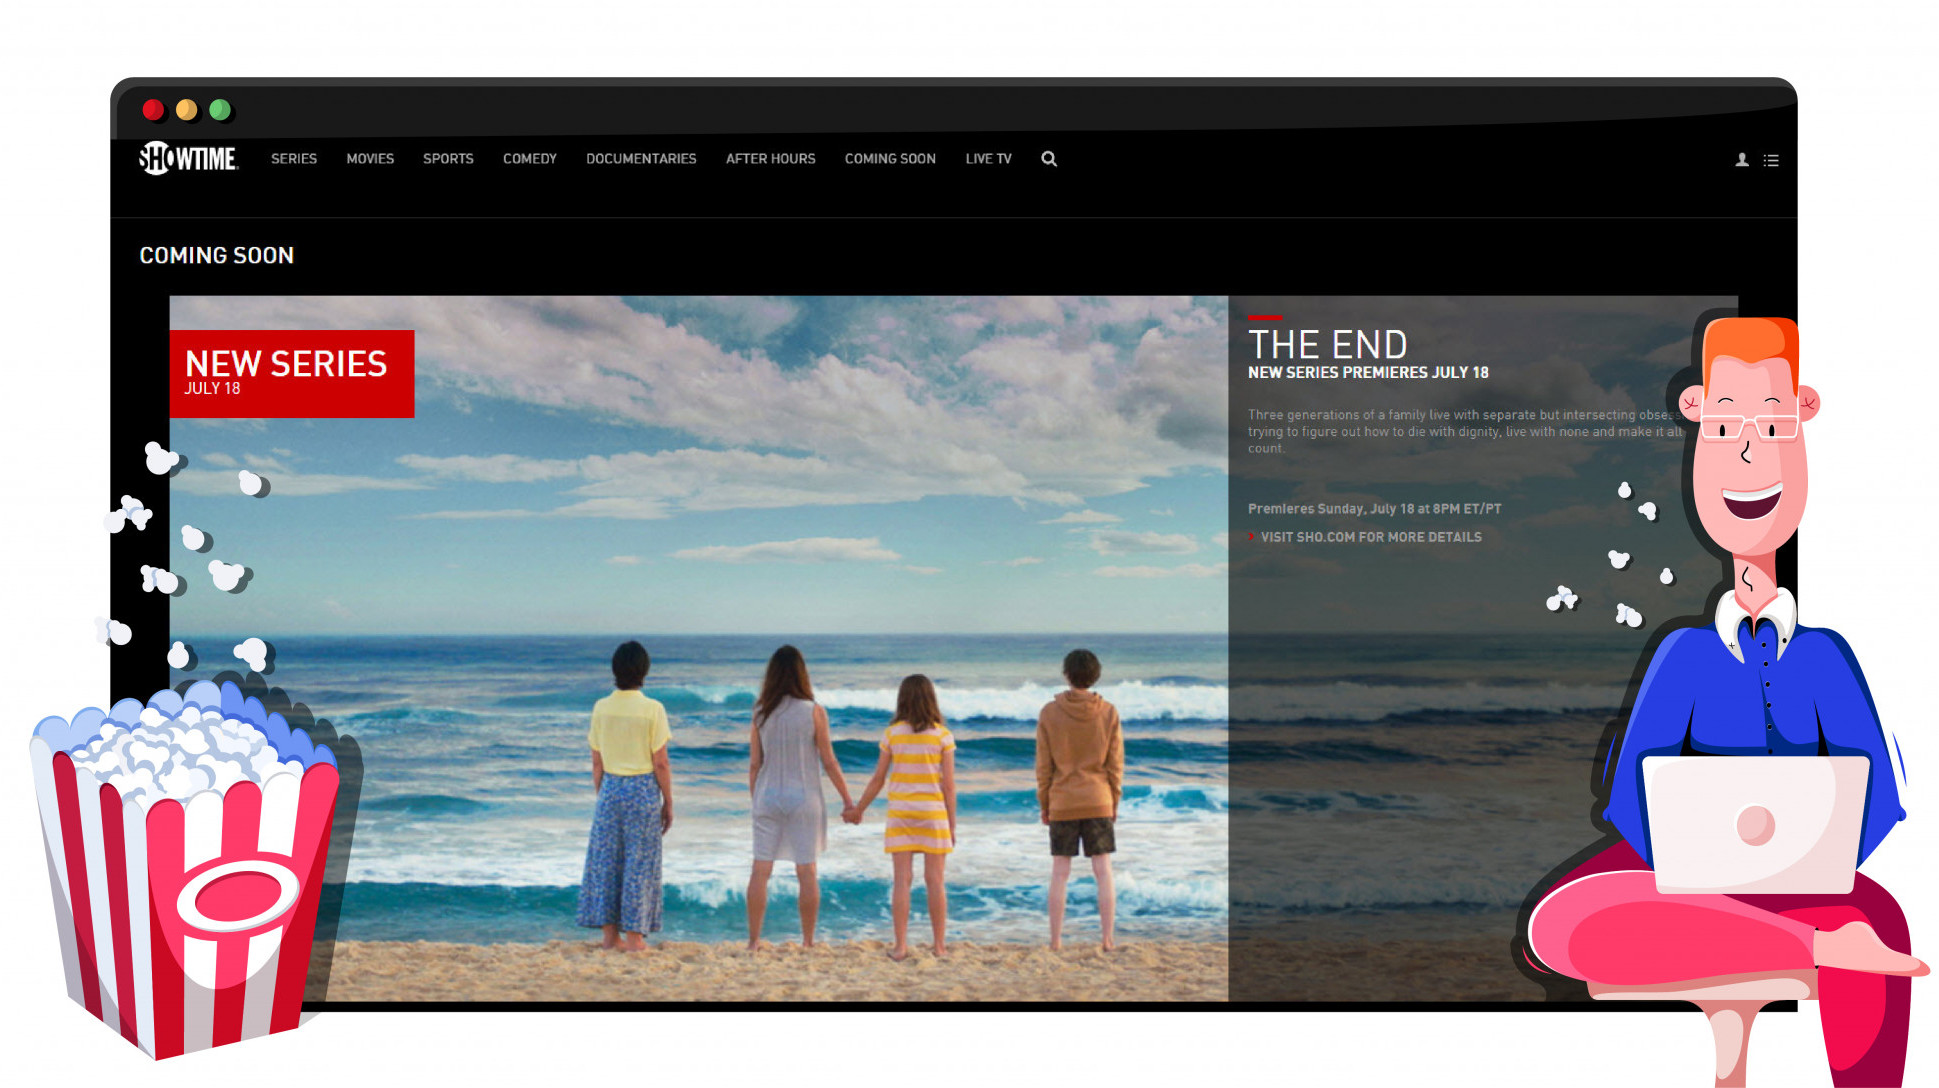 Kijk Showtime vanuit Nederland met een VPN